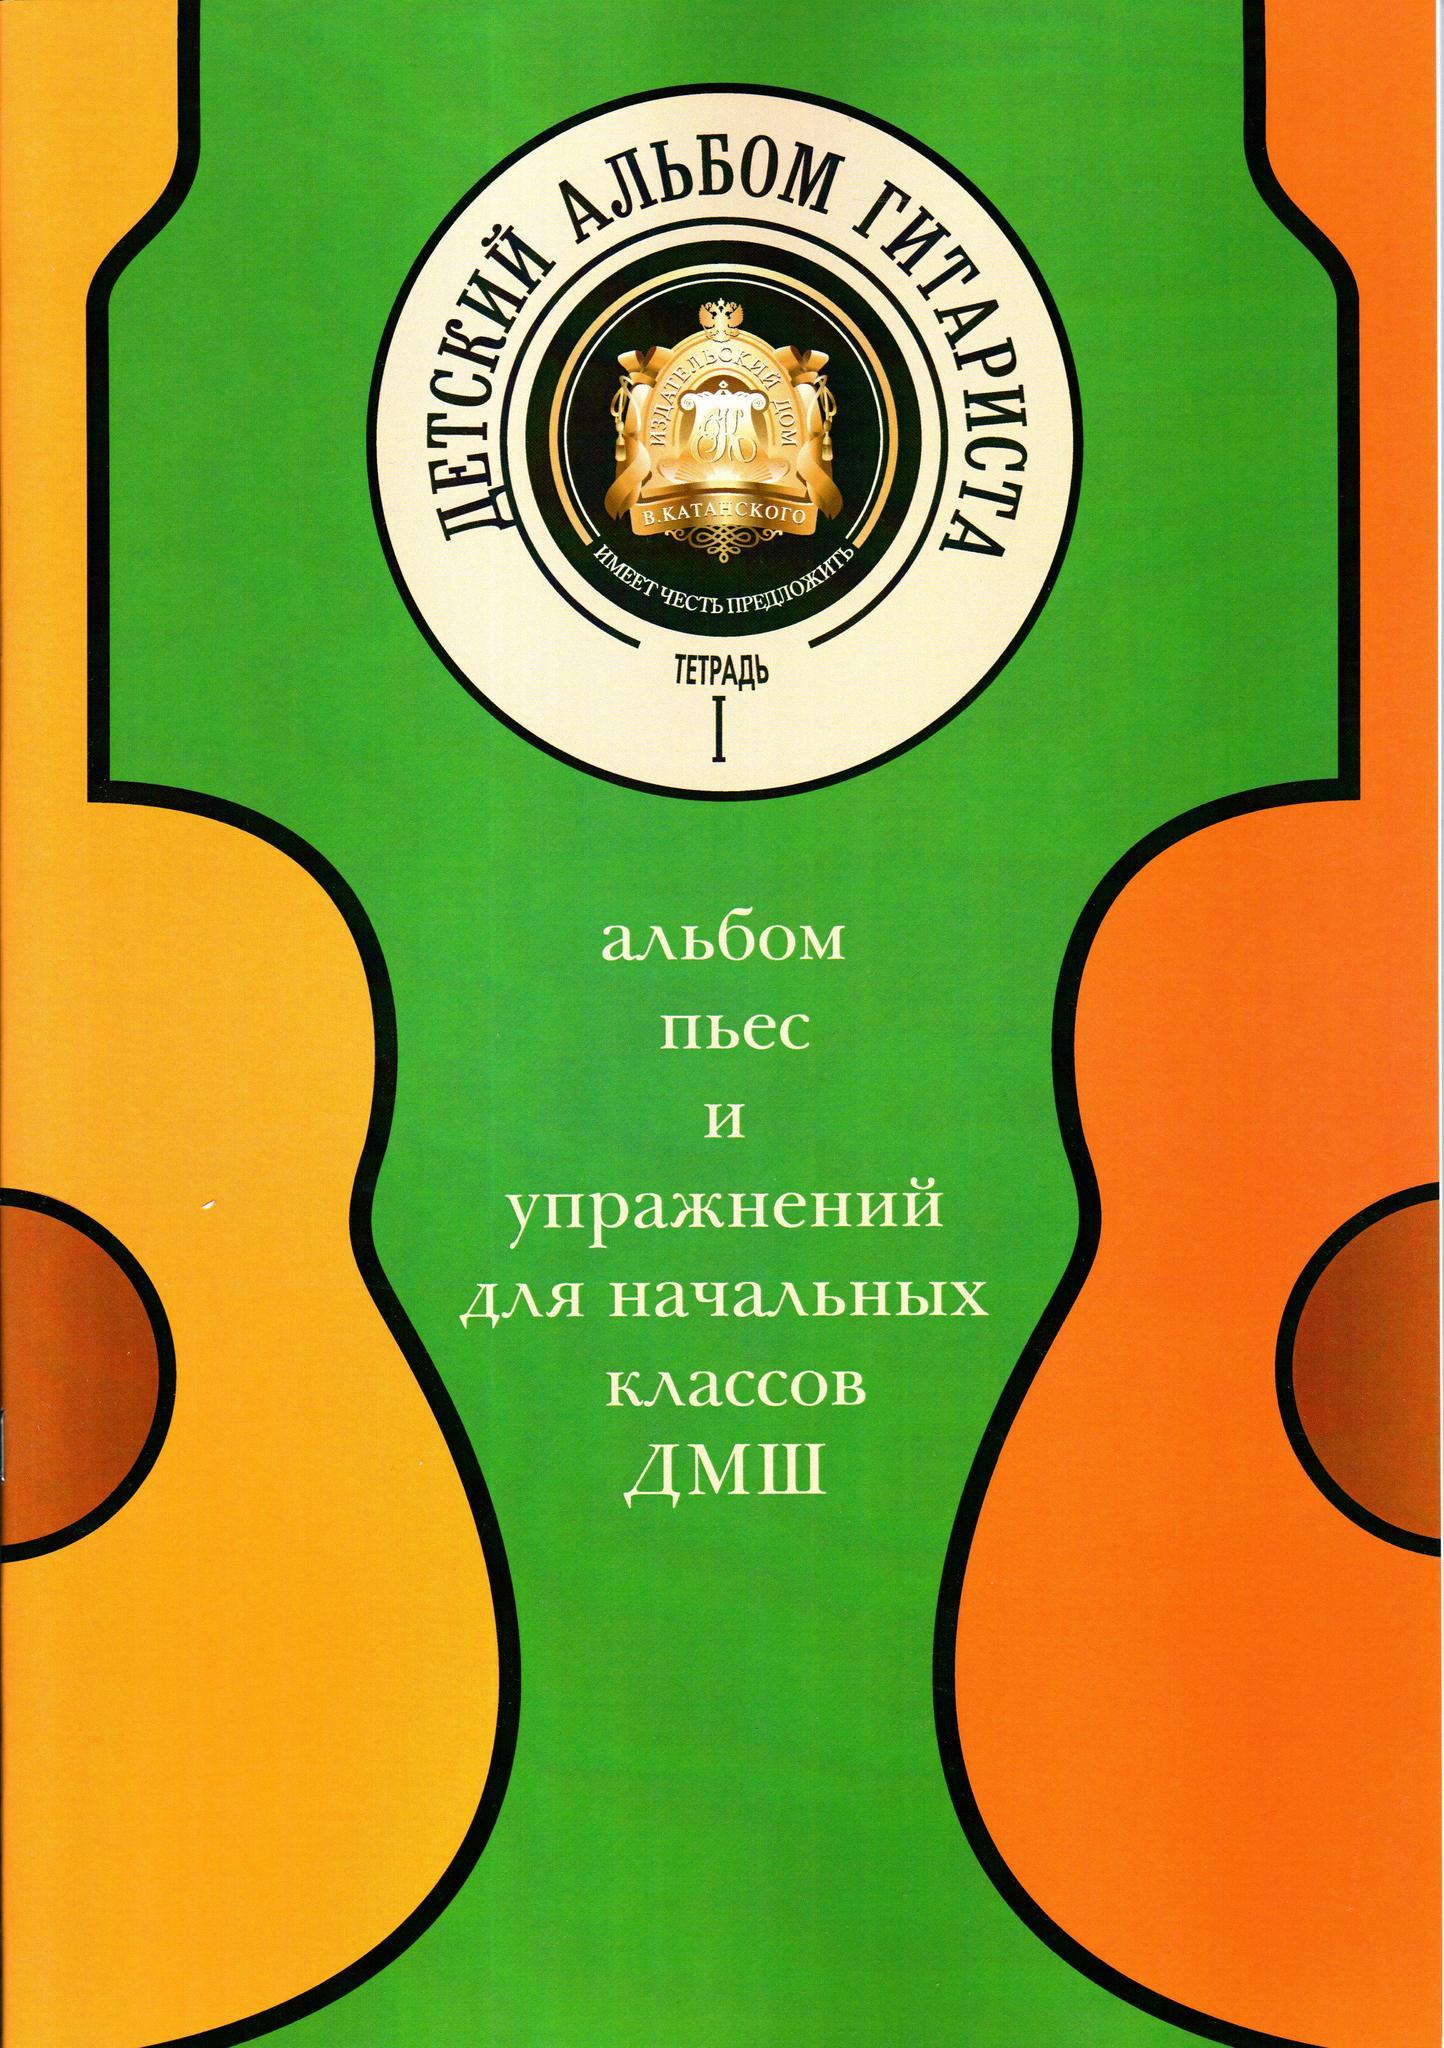 Катанский А. В. Детский альбом гитариста. Тетрадь1.